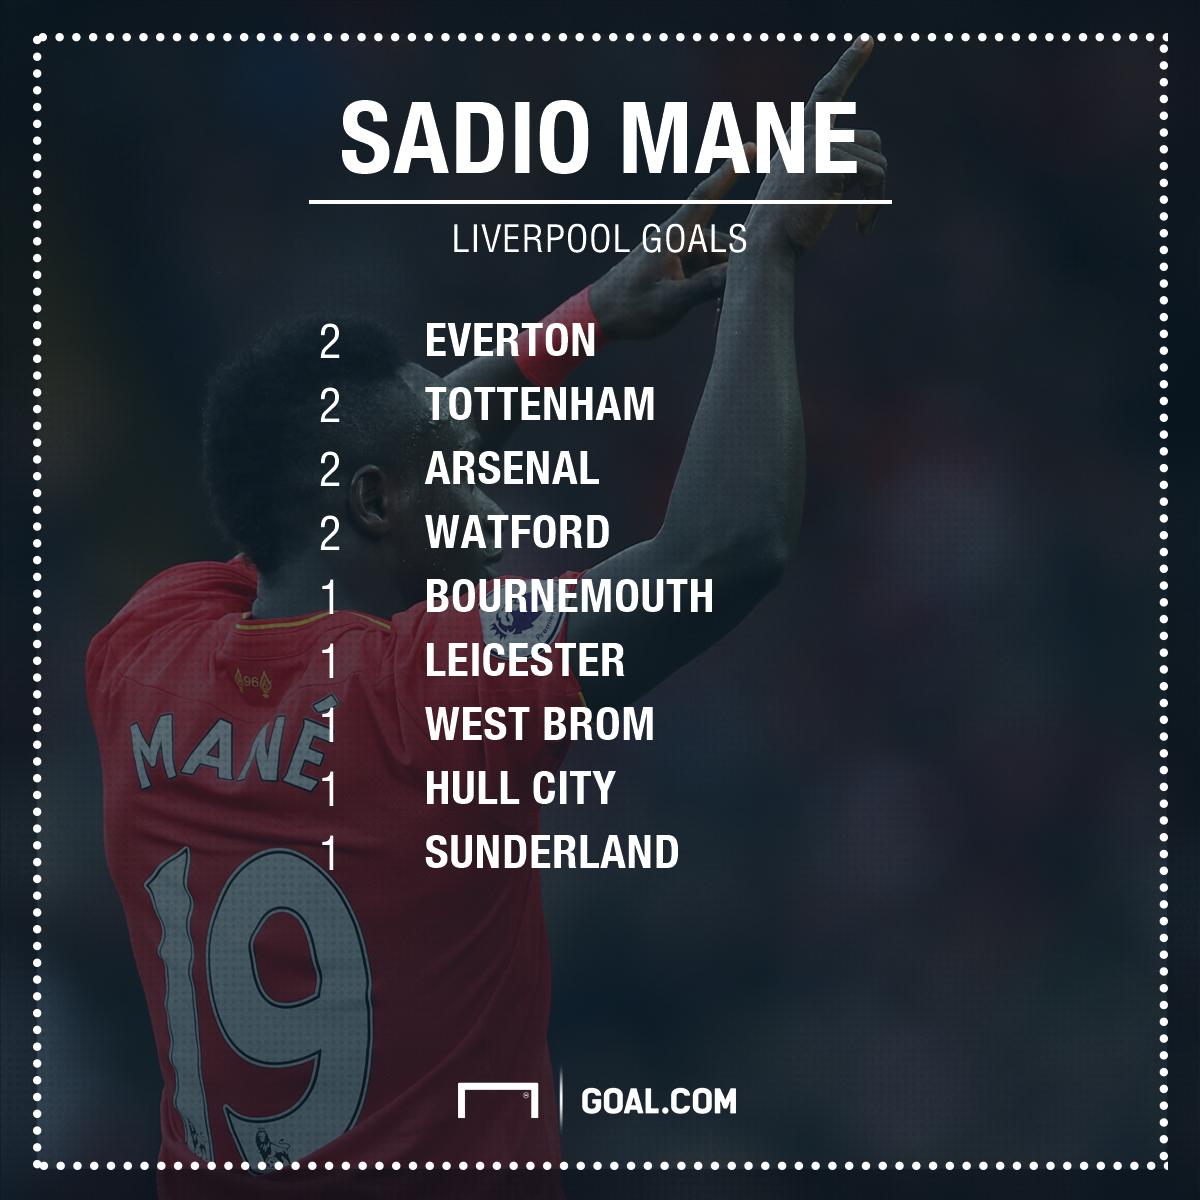 GFX Sadio Mane goals